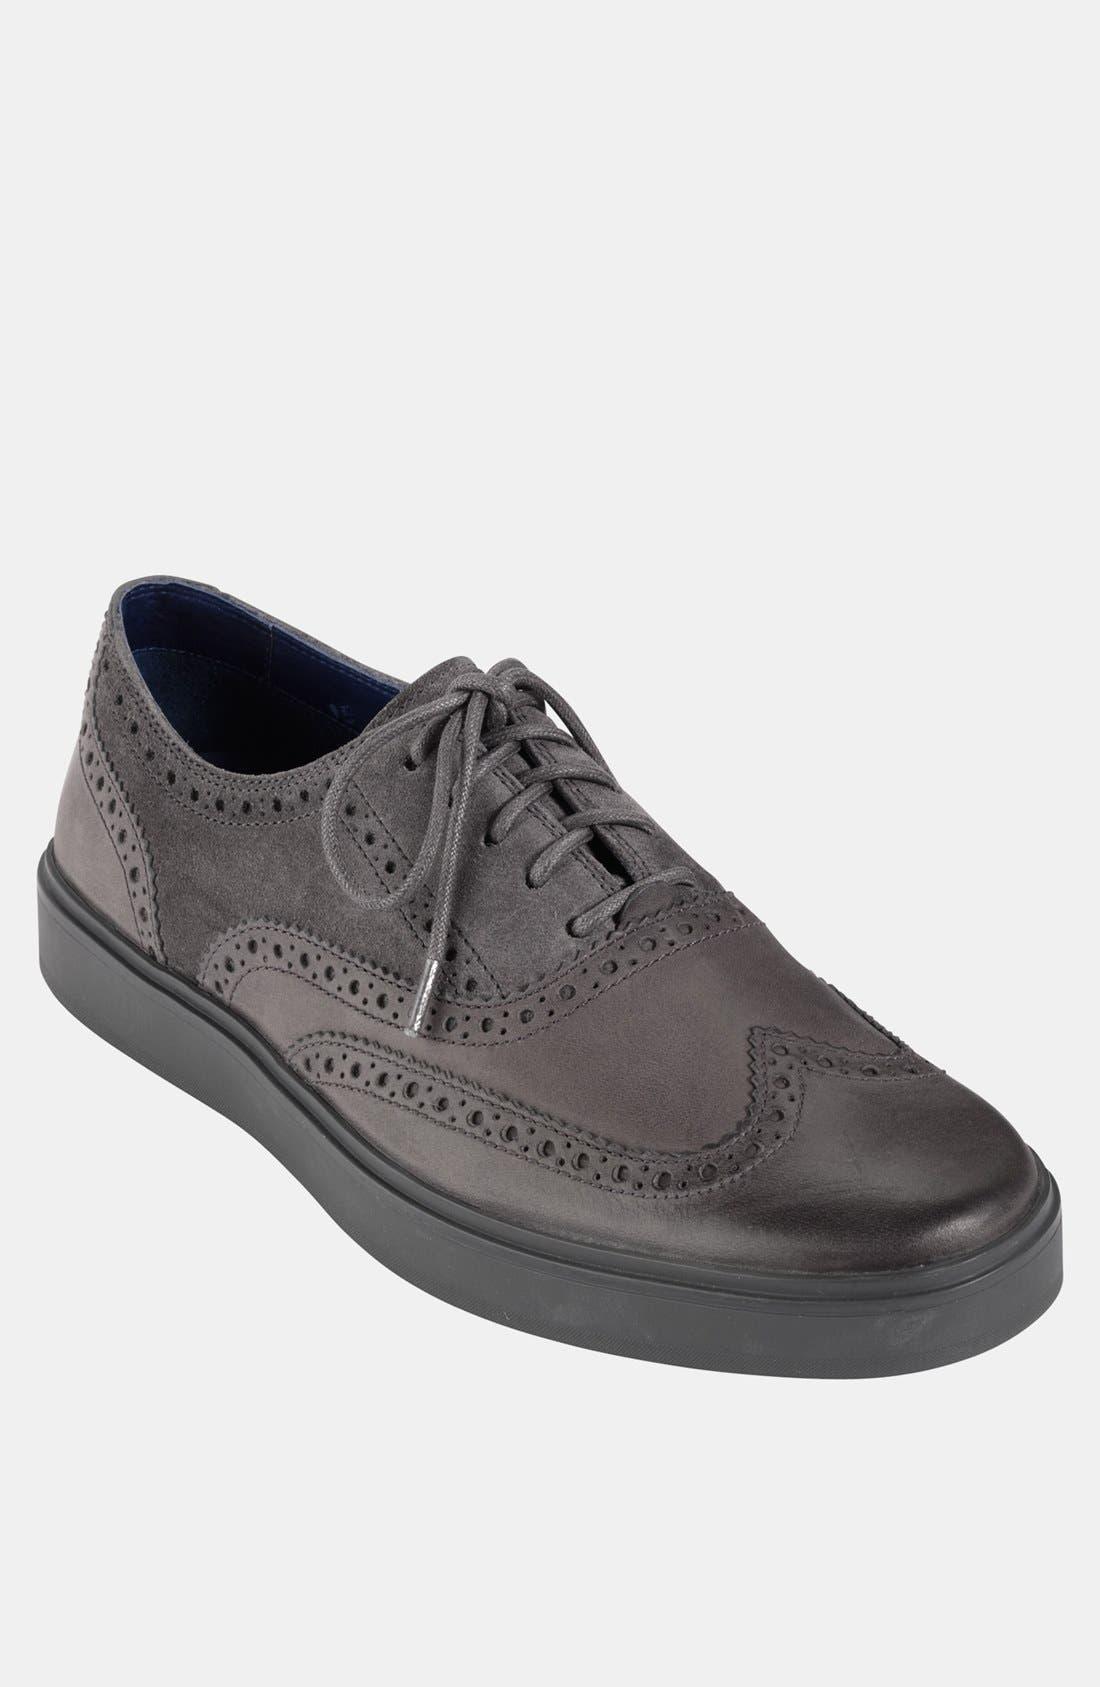 Alternate Image 1 Selected - Cole Haan 'Bergen' Wingtip Sneaker